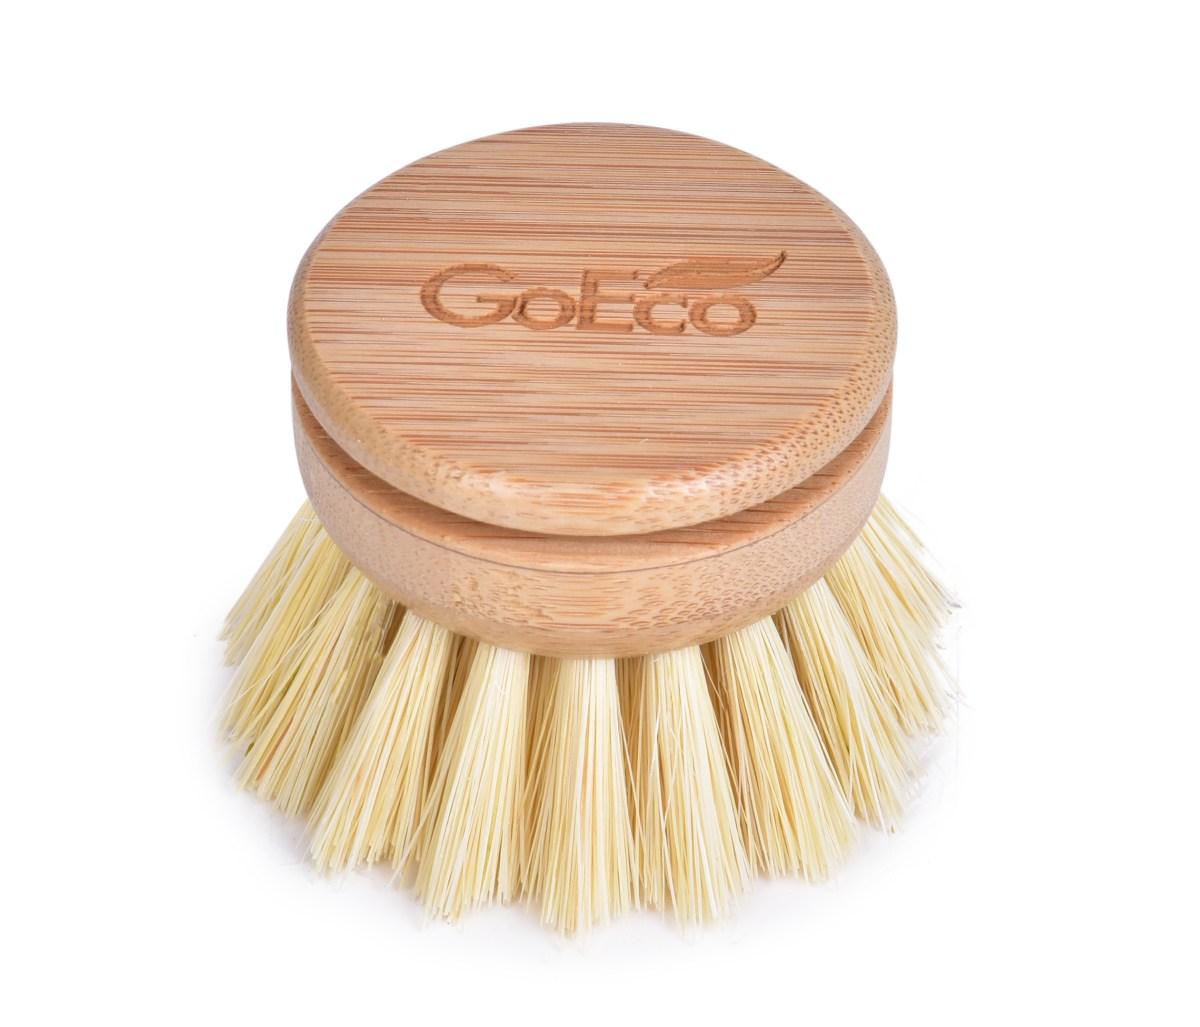 Náhradná hlavica / okrúhla kefa z bambusu so štetinami zo sisalu GoEco®